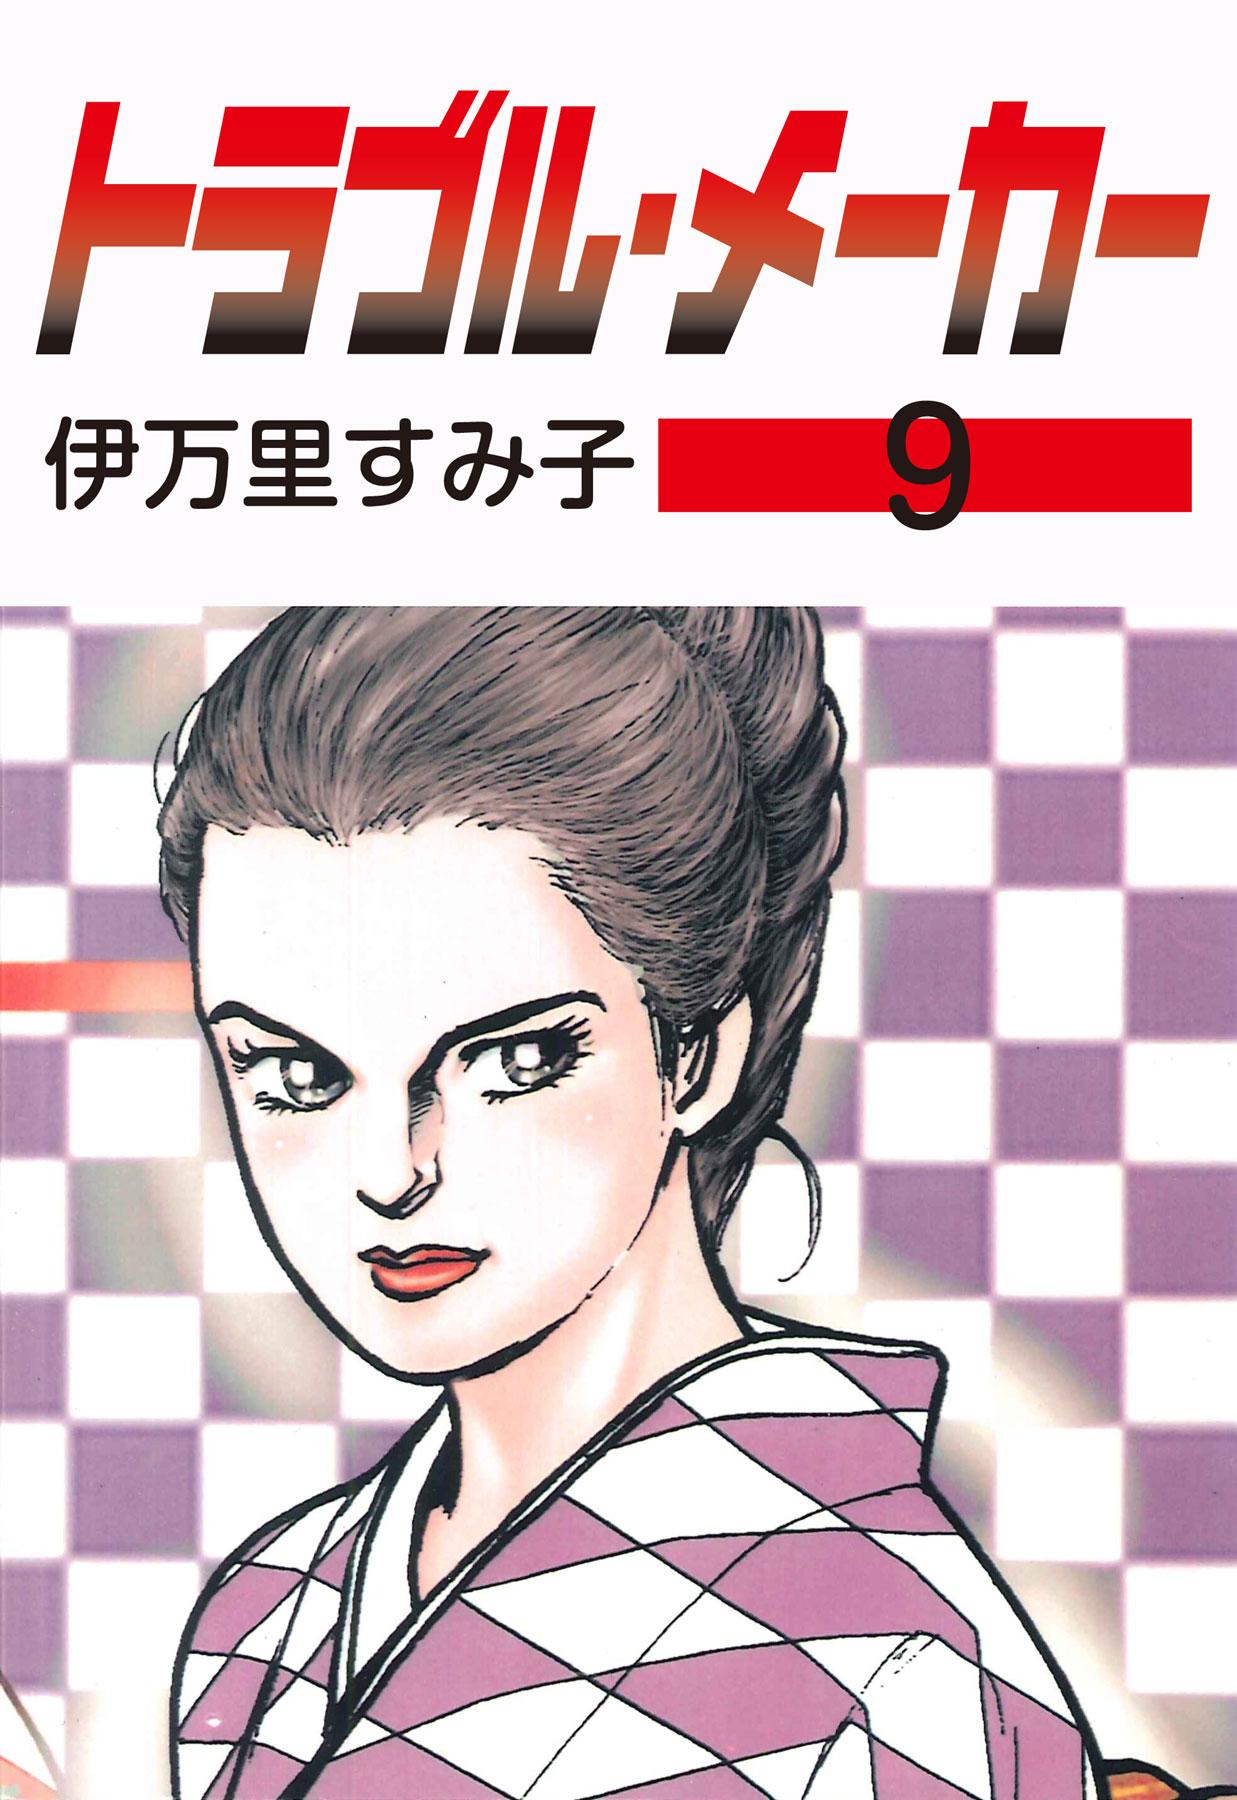 トラブル・メーカー(第9巻)